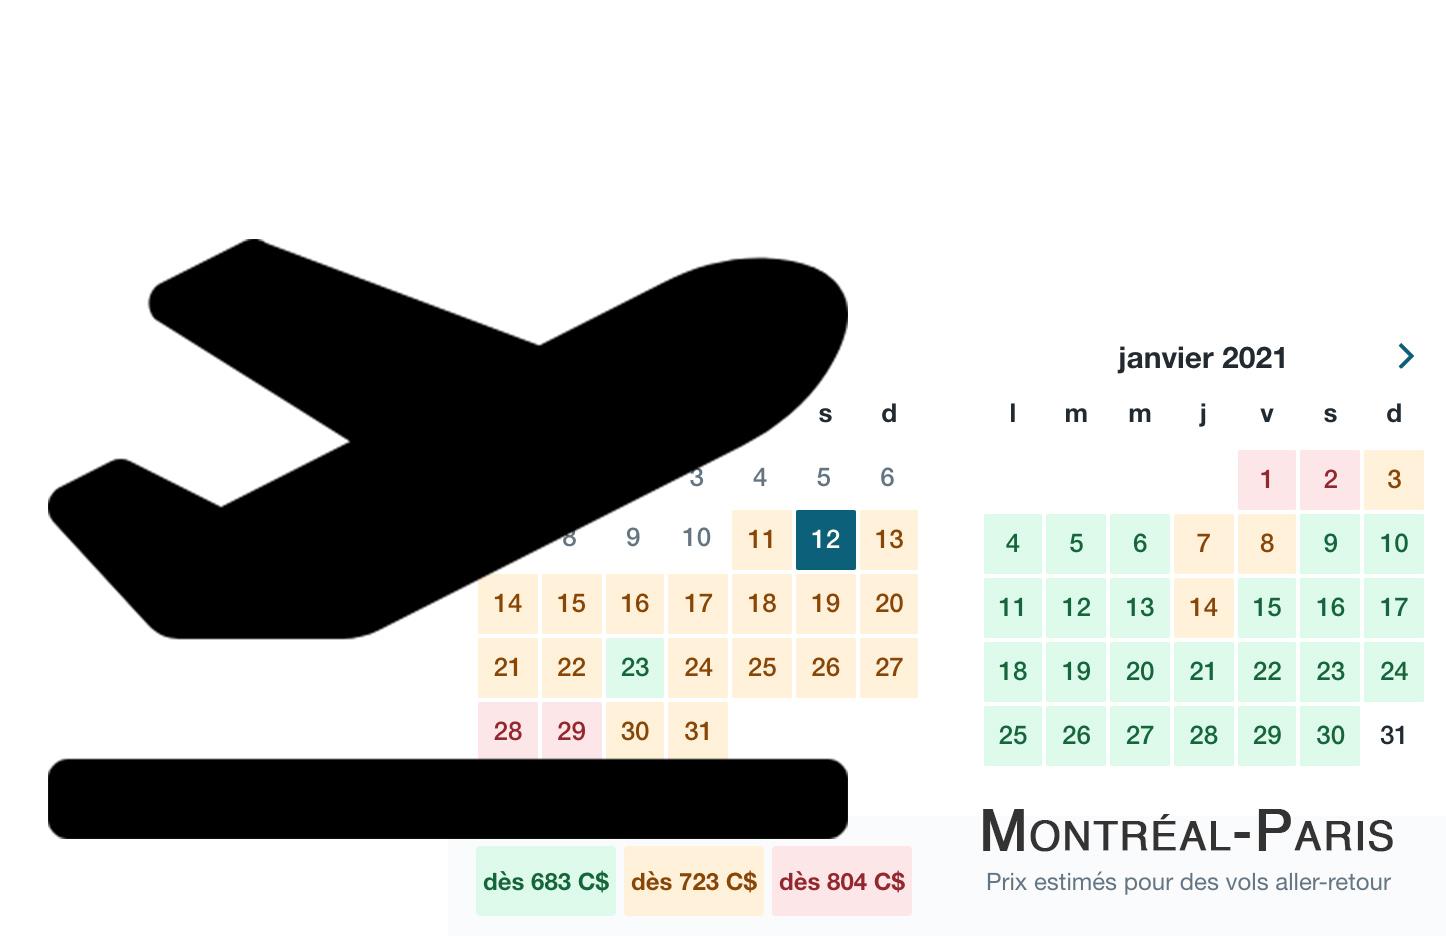 Le Québéc, le Canada ou la France pour les fêtes de fin d'année ?